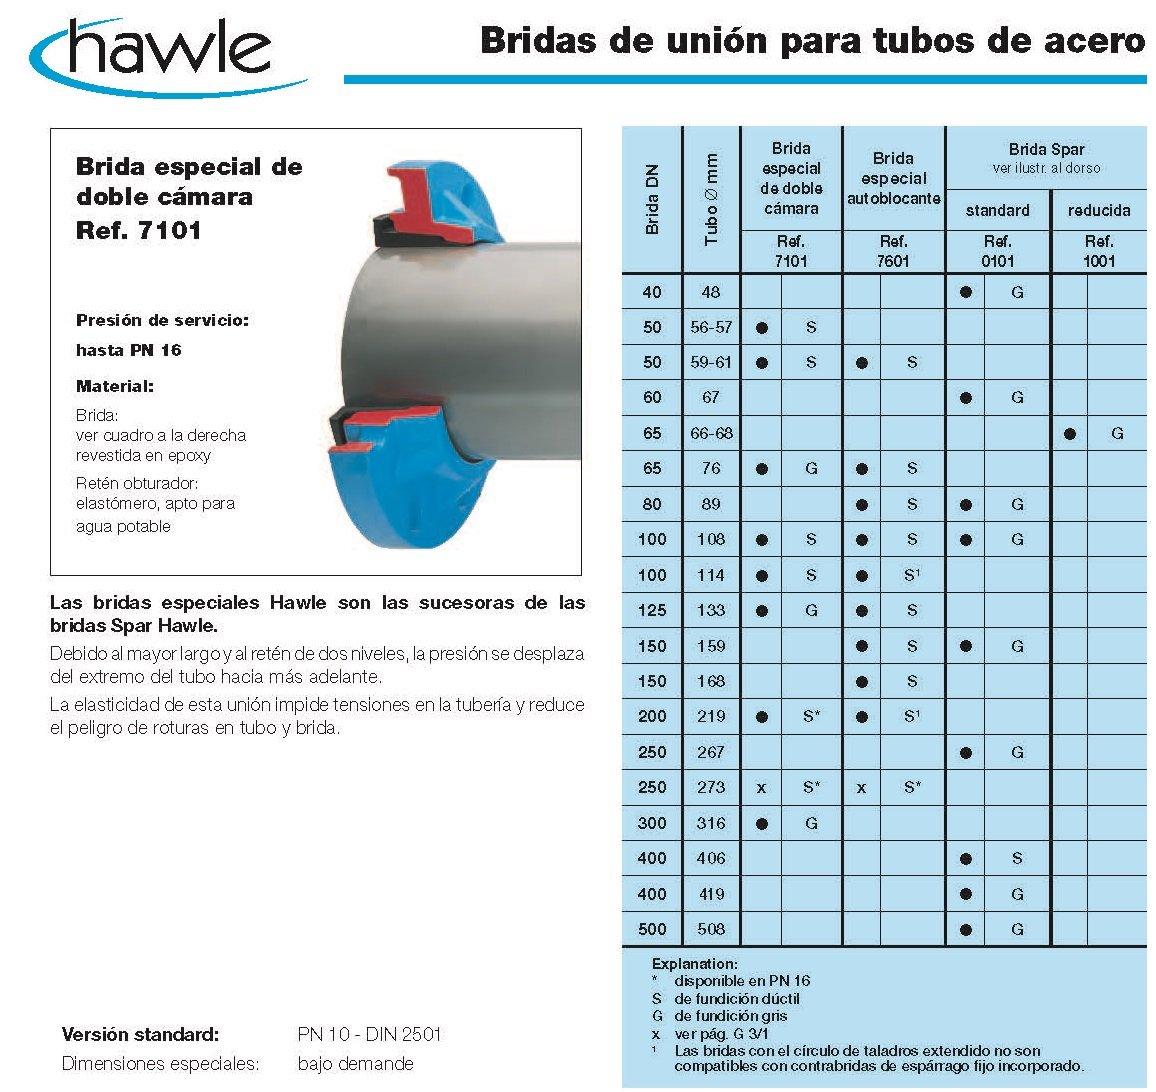 bridas de union para tubos de acero croquis